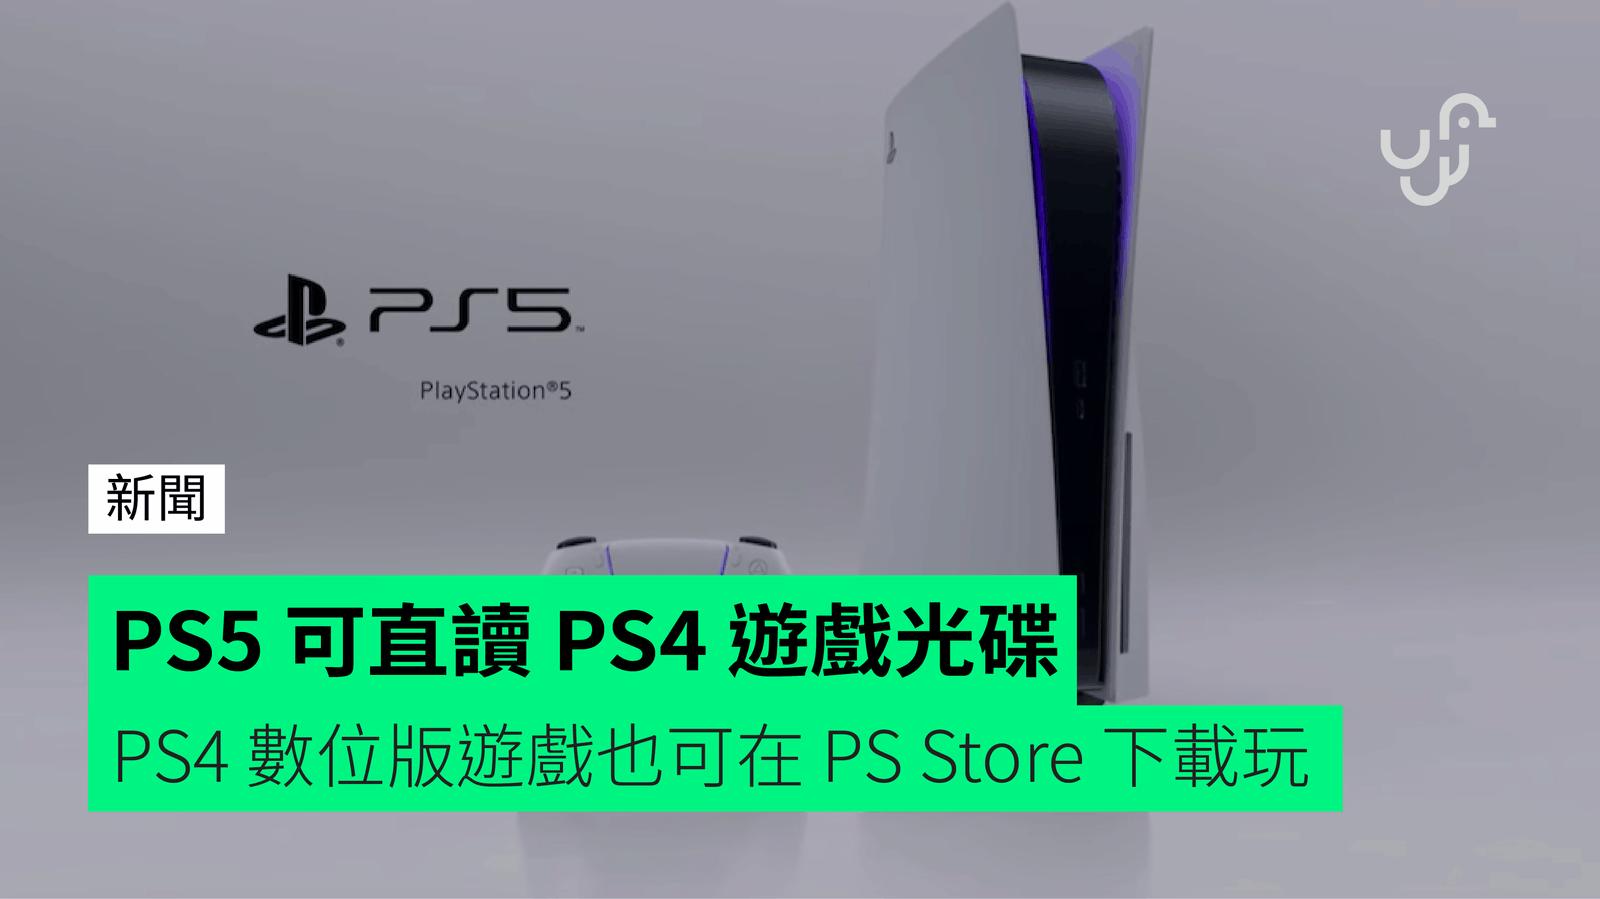 互換 Ps5 性 ps4